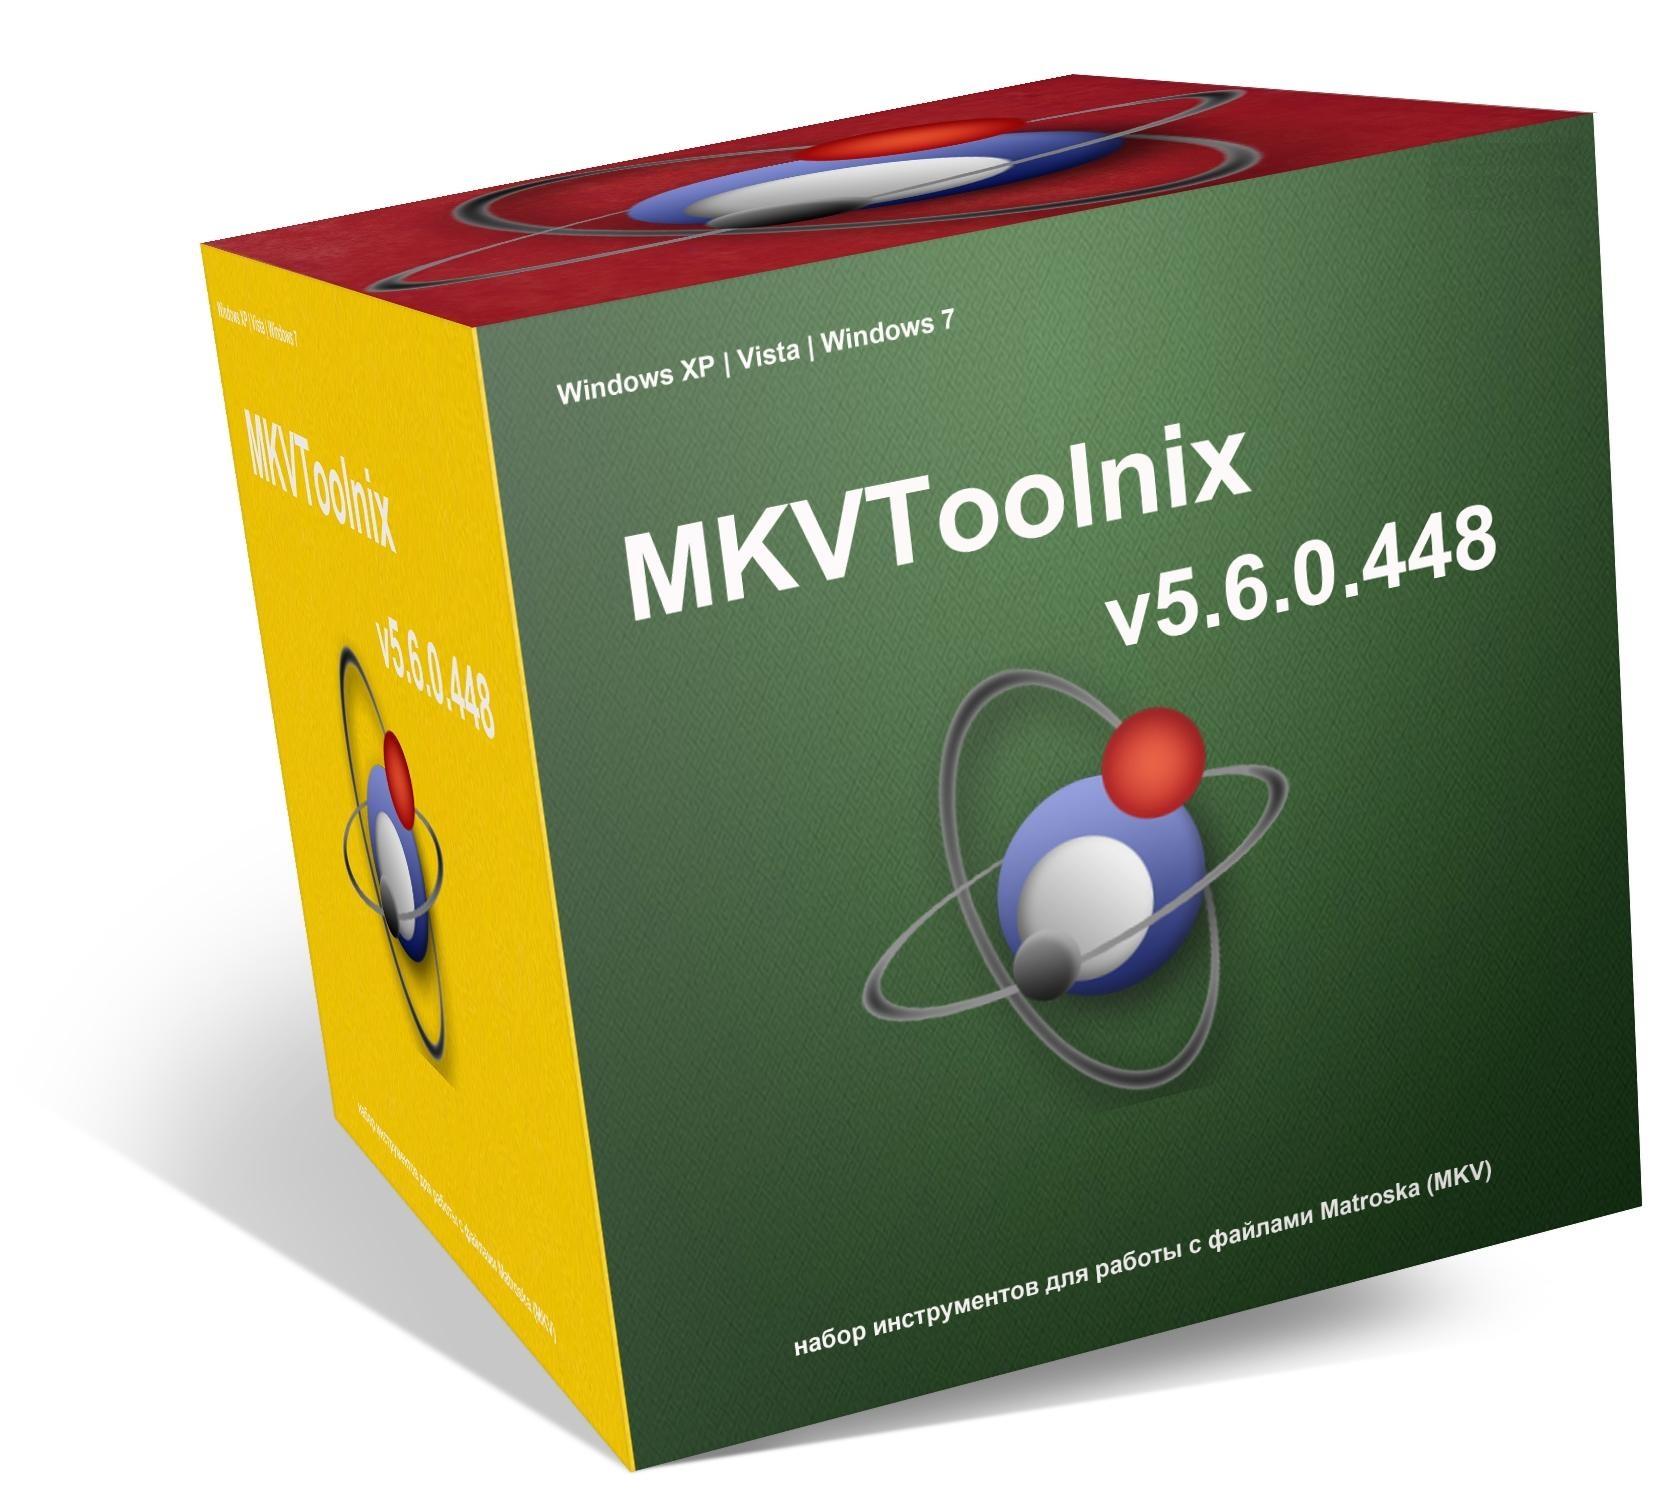 MKVToolnix 5.6.0 RUS - редактор MKV файлов скачать бесплатно